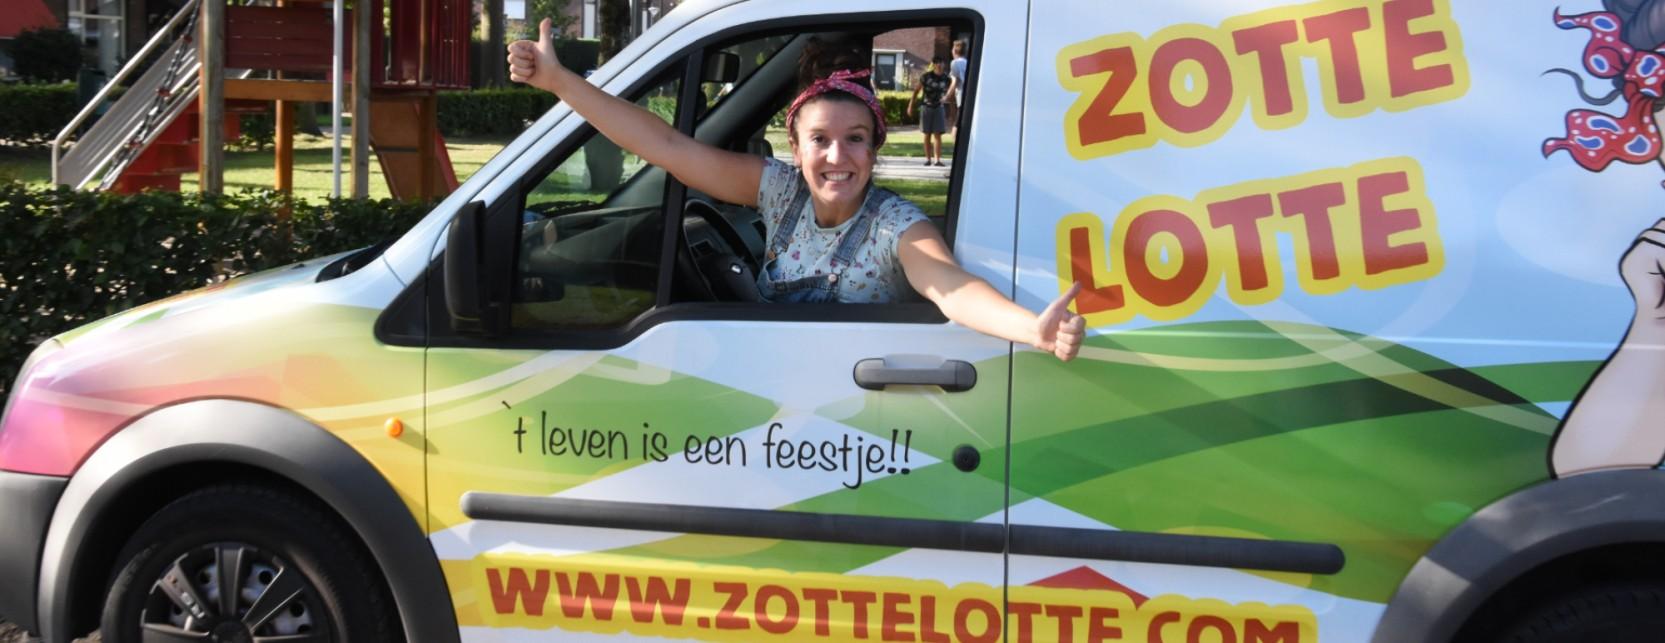 Zotte Lotte in Elckerlyc Hilvarenbeek